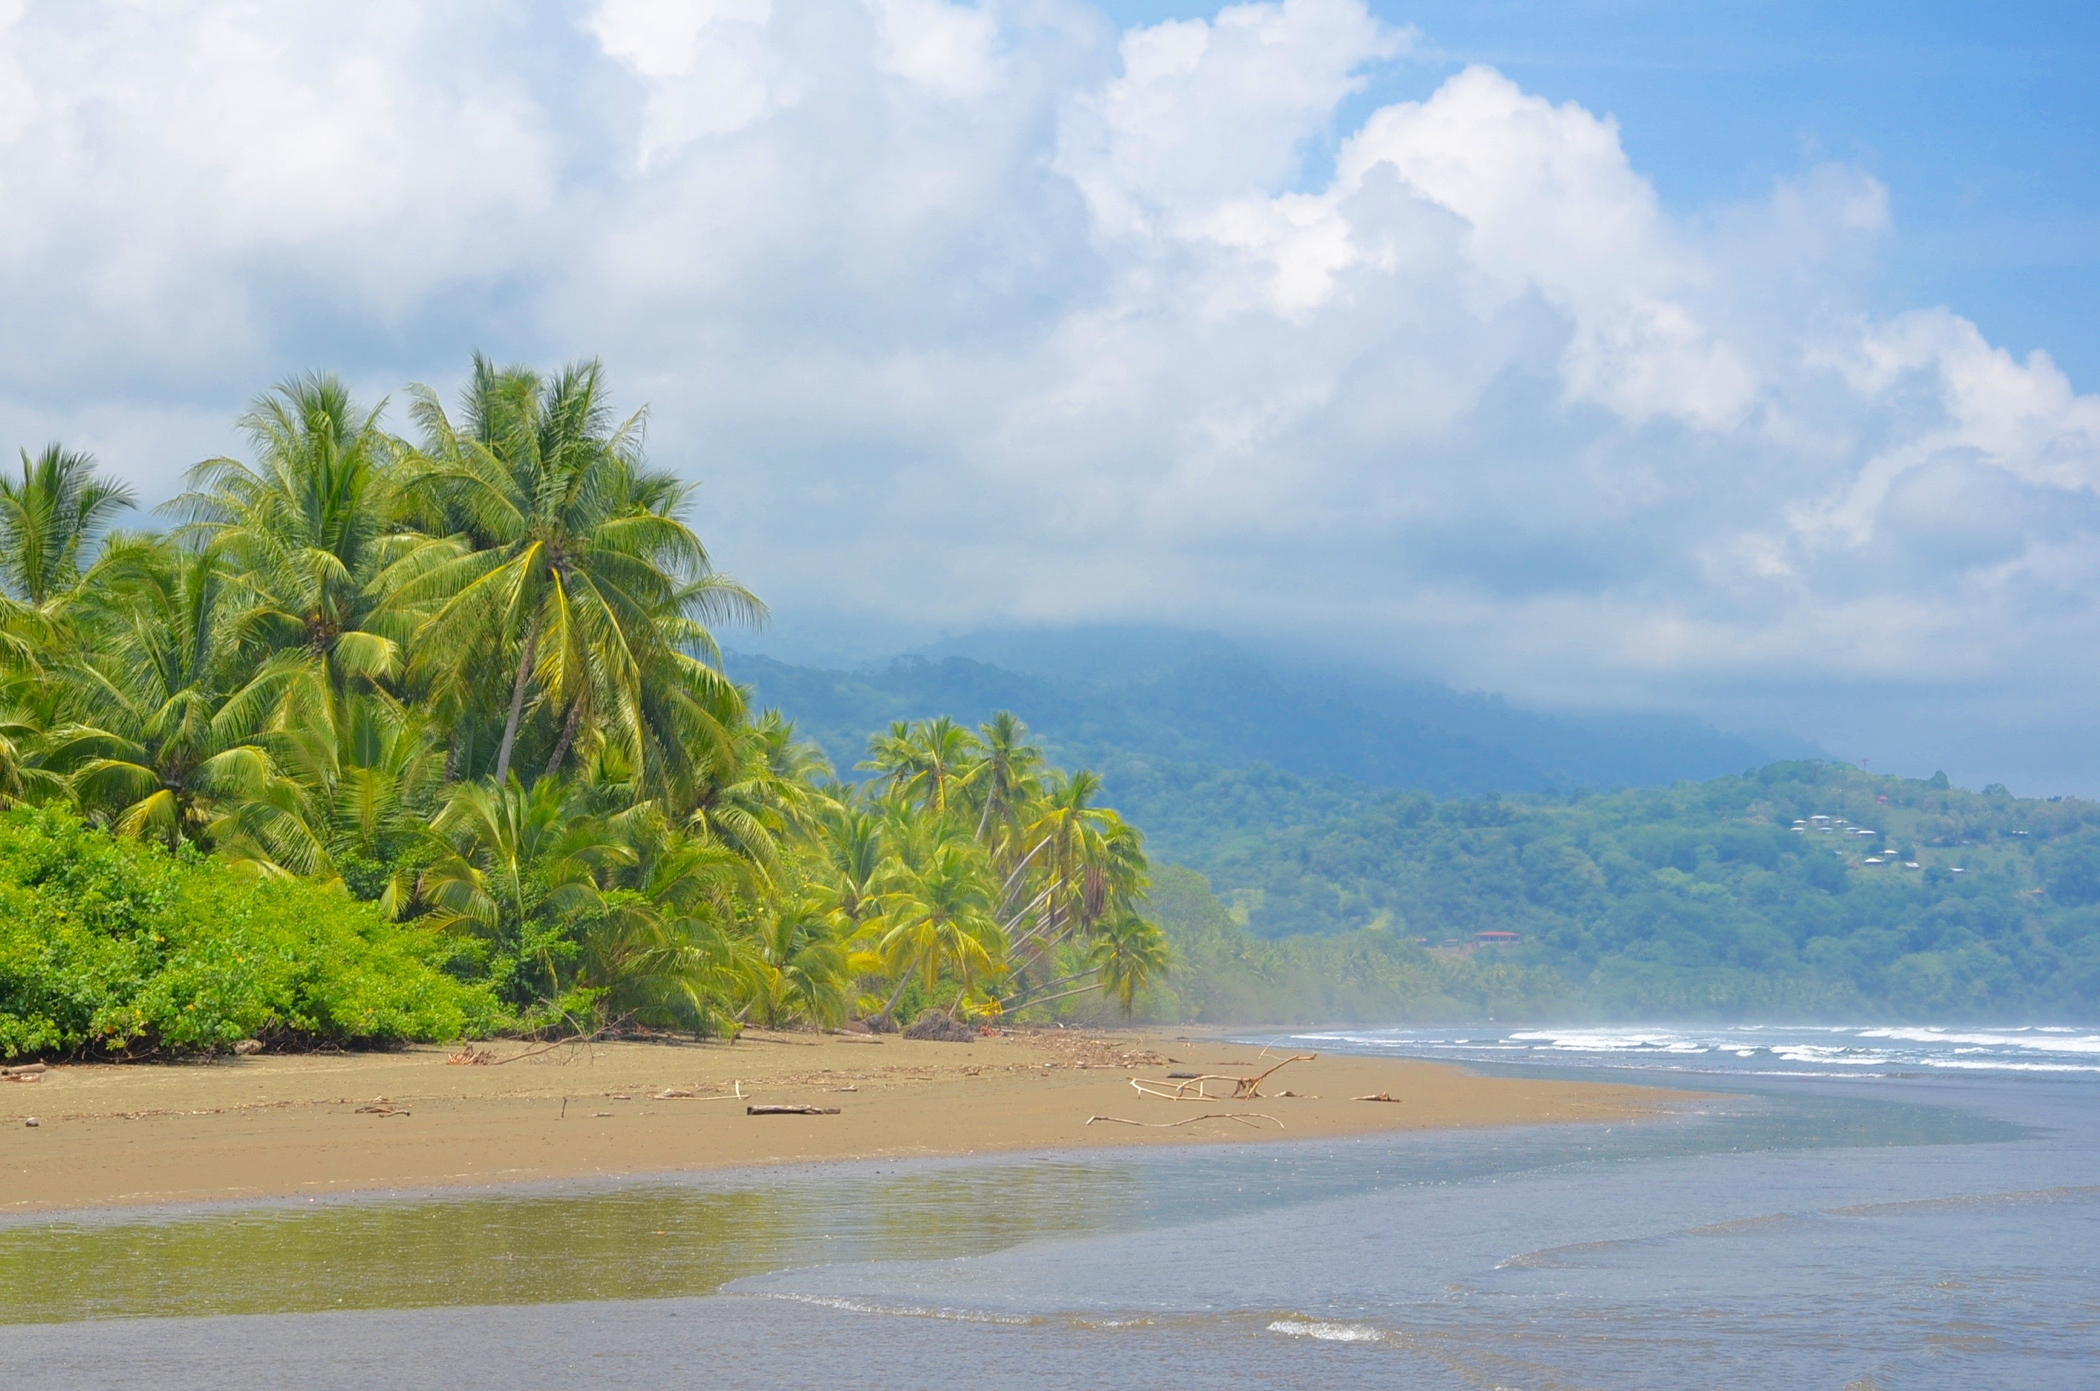 Liebeserklärung Ode an die Natur wie in Costa Rica